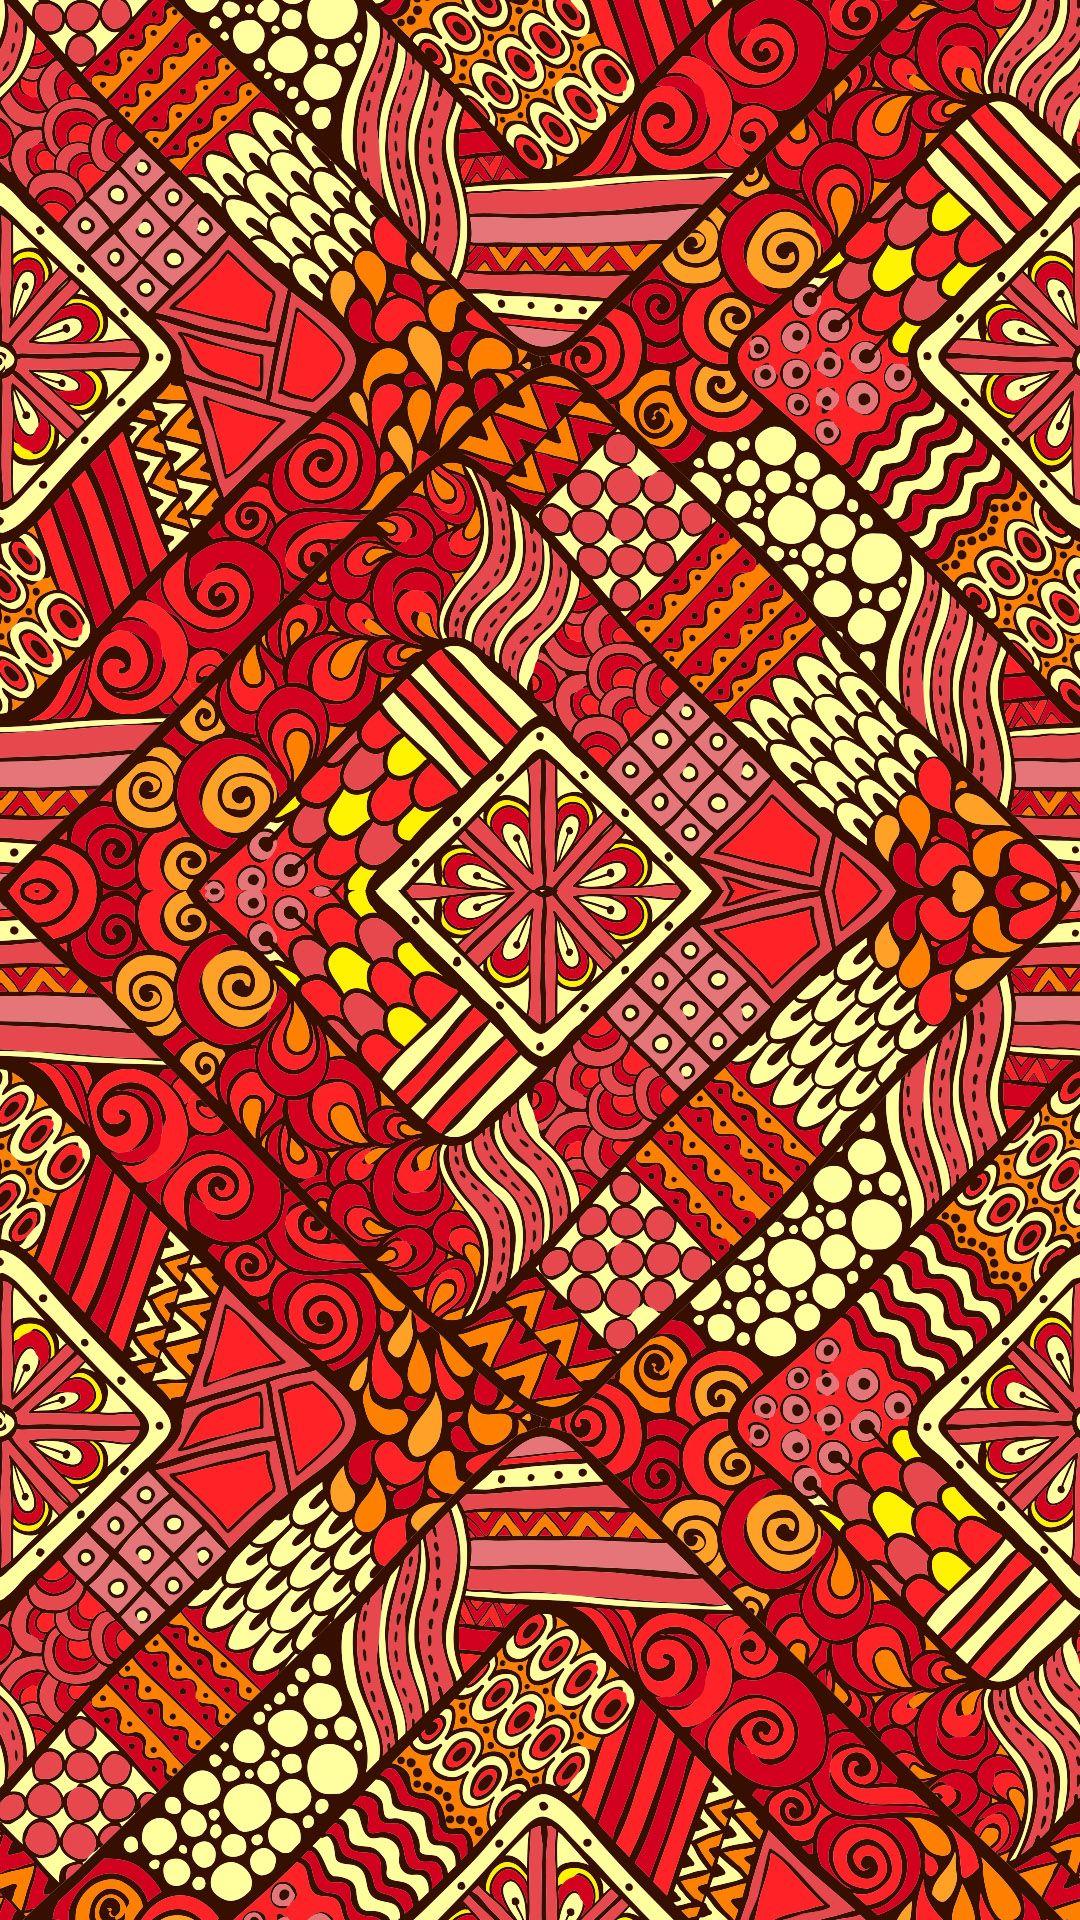 Ethnic iphone wallpaper -  Etnik Desenli Renkll Wallpaperlar Ile Iphone Unuz Yenilensin Ethnic Etnikdesen